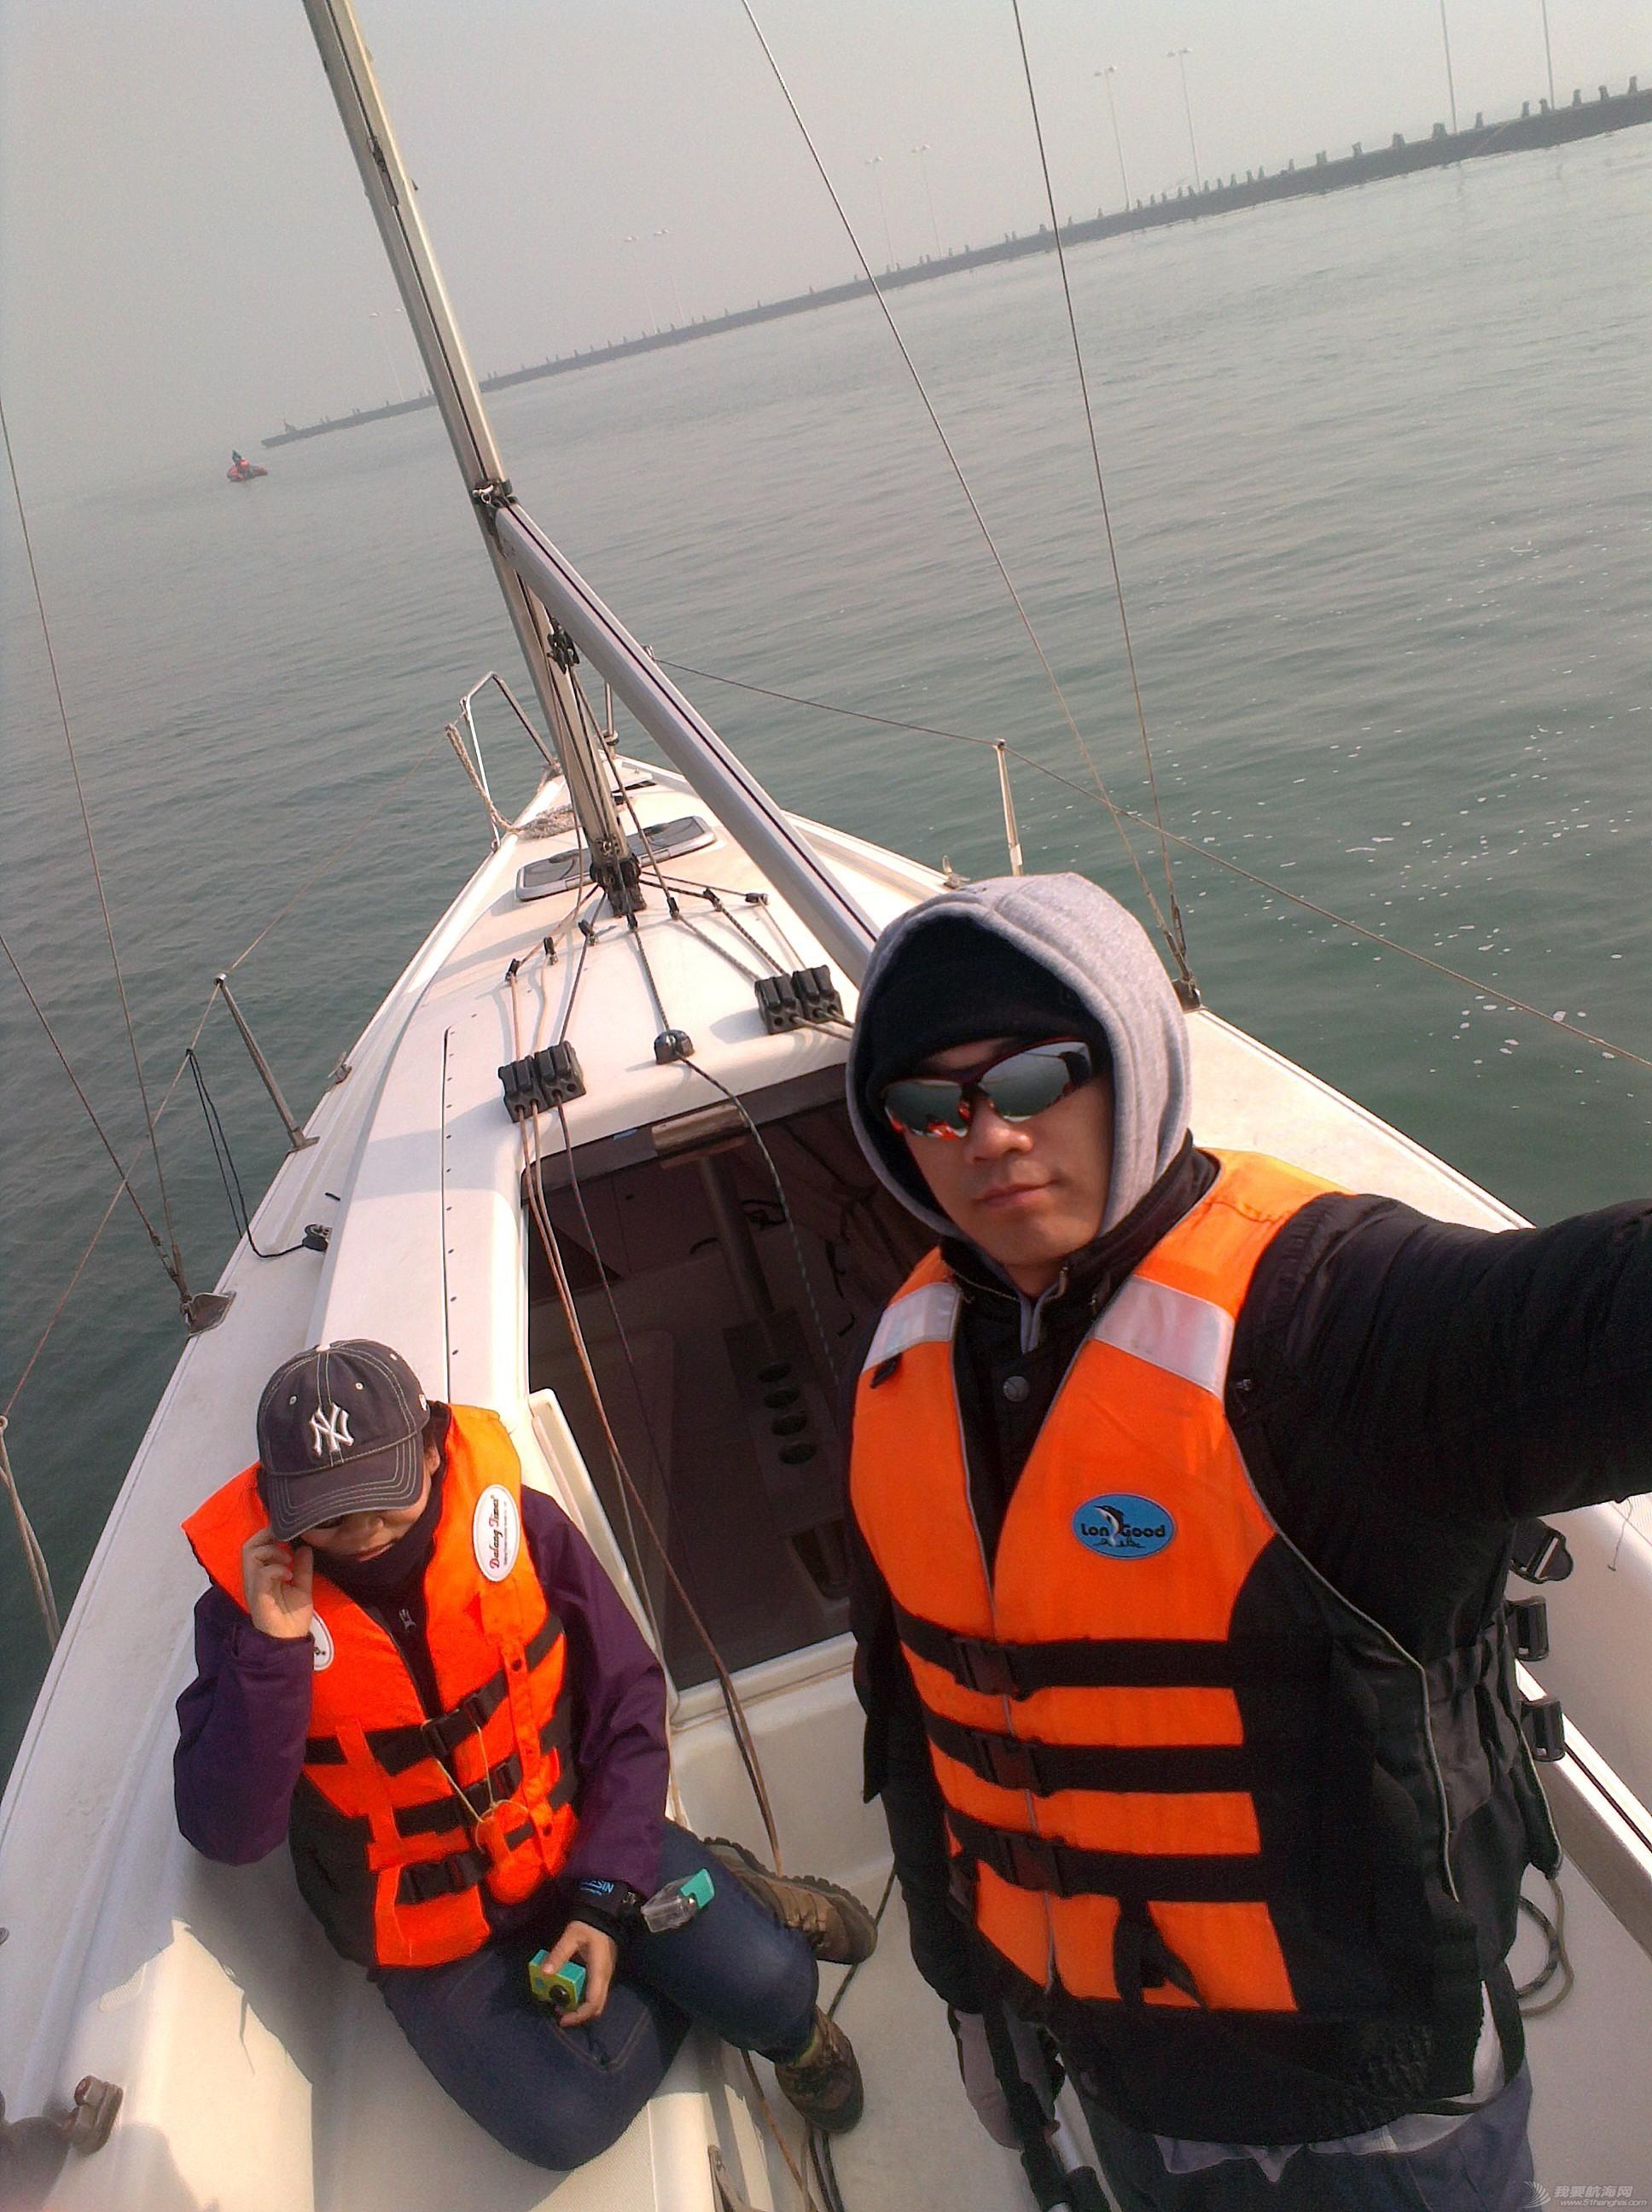 帆船 免费航海不是梦…我是十四期学员(我要去航海/全民公益航海帆船训练) C360_2016-01-03-11-31-54-200.jpg